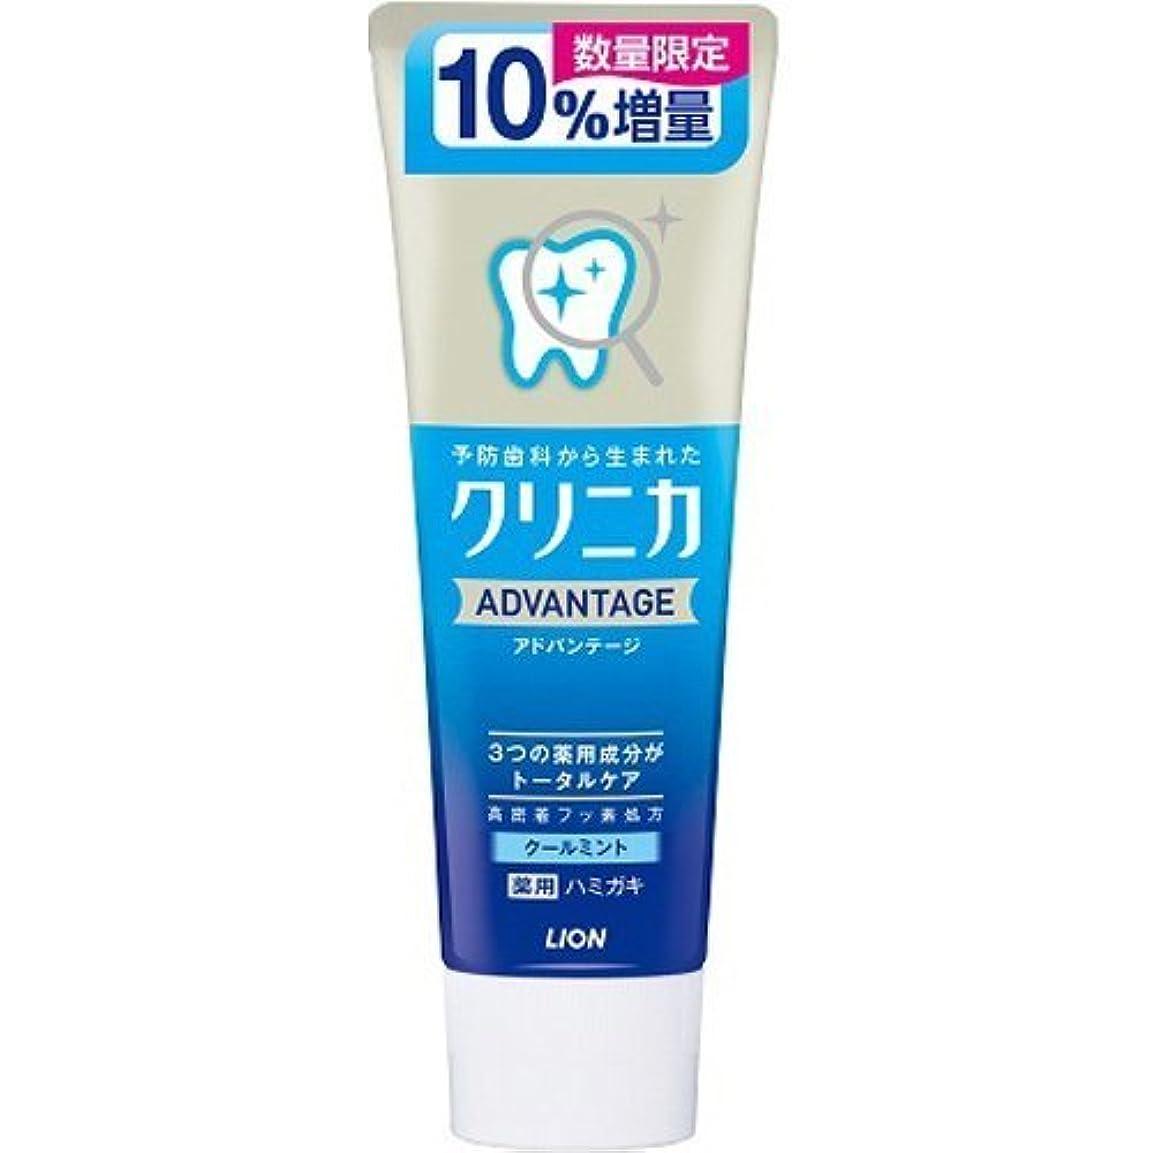 素人カヌーニッケル【セット品】クリニカアドバンテージ歯磨クールミント10%増量×3個